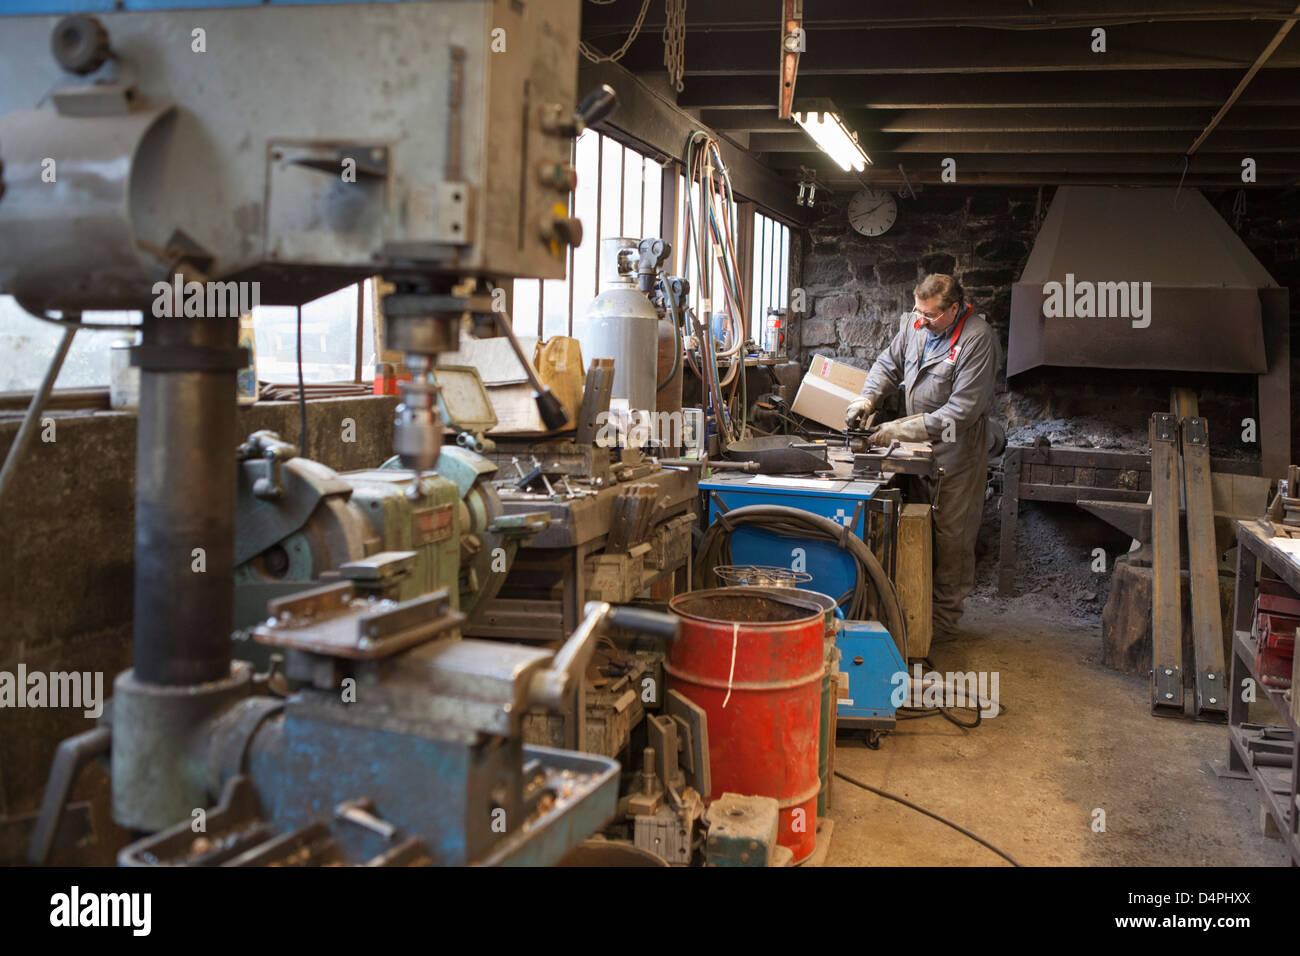 Craftsman at work - Stock Image